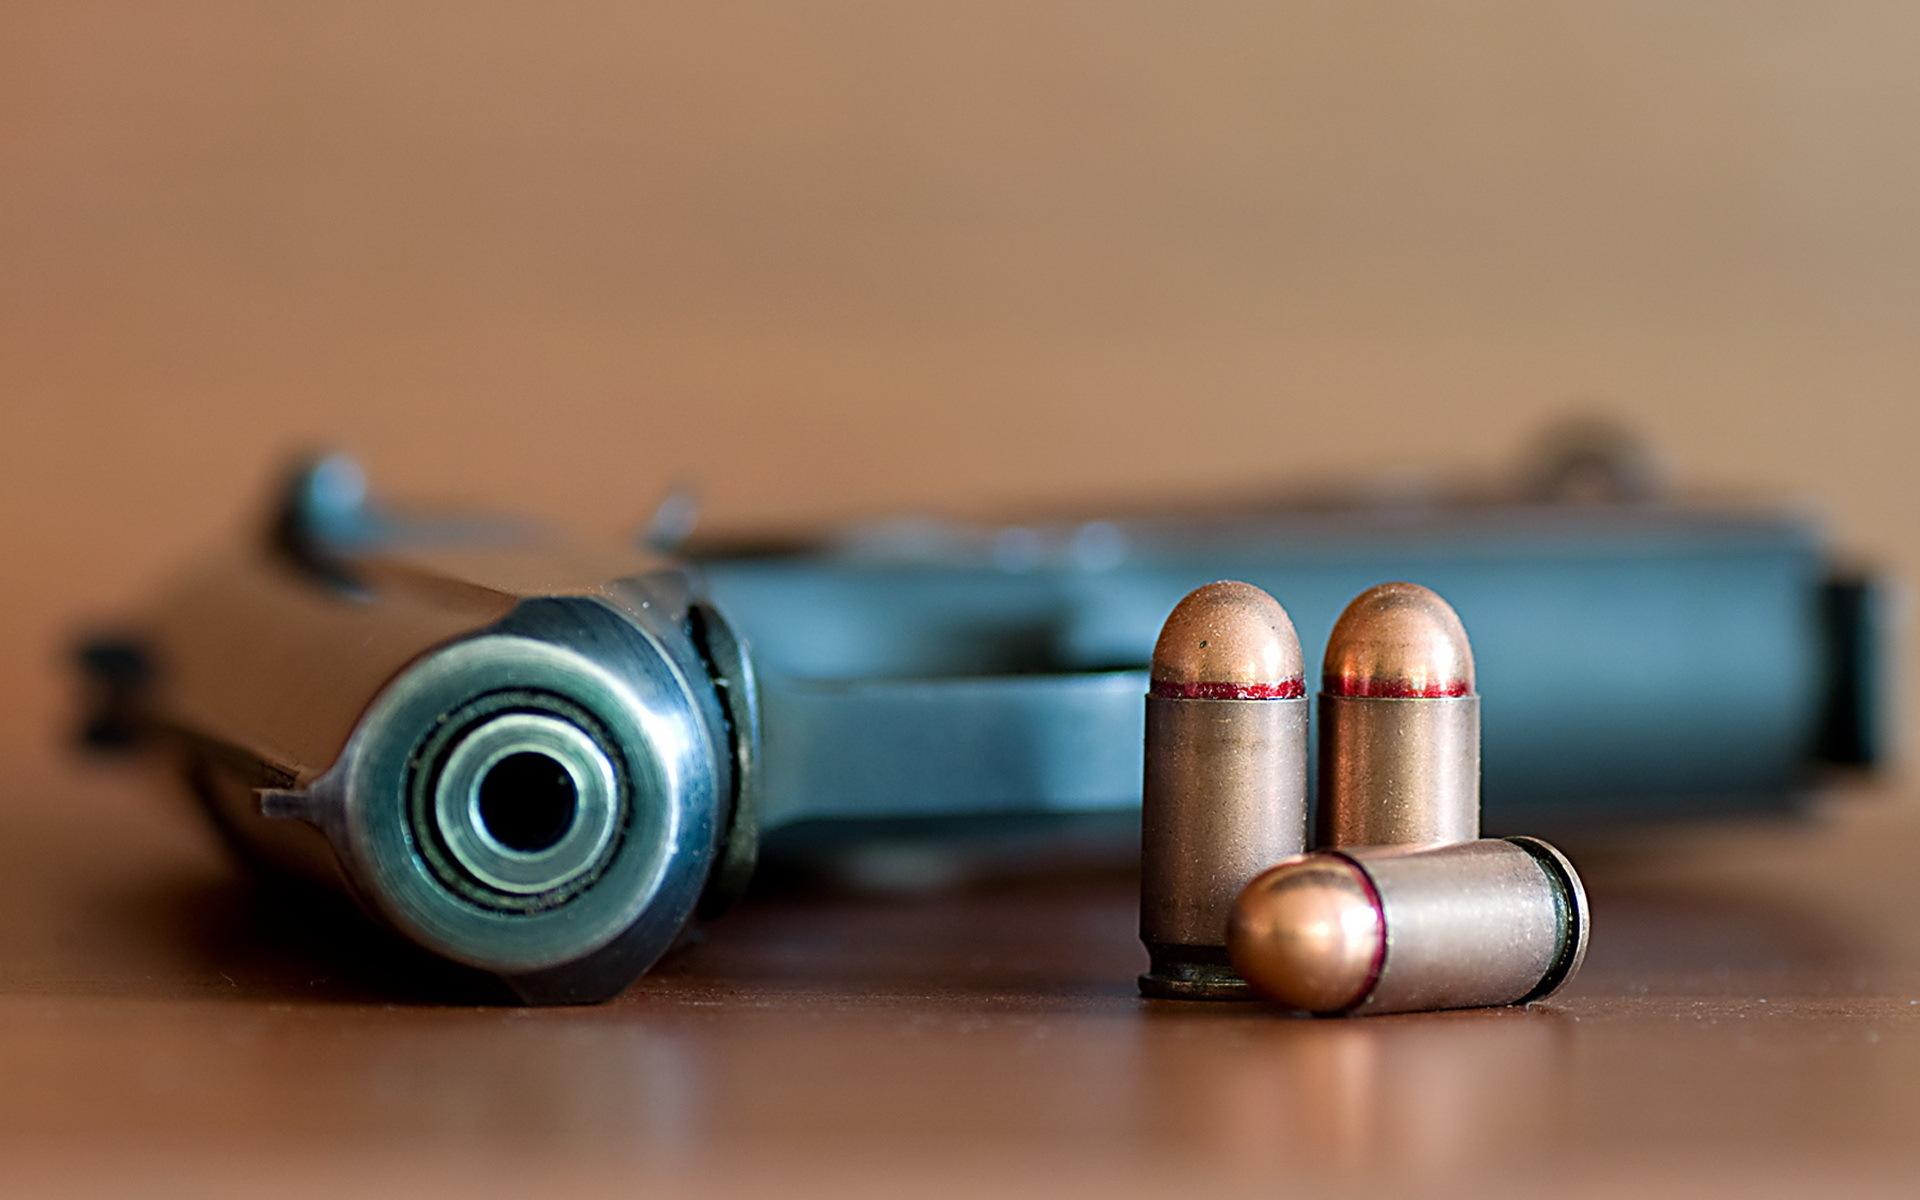 пистолет, патроны, дуло